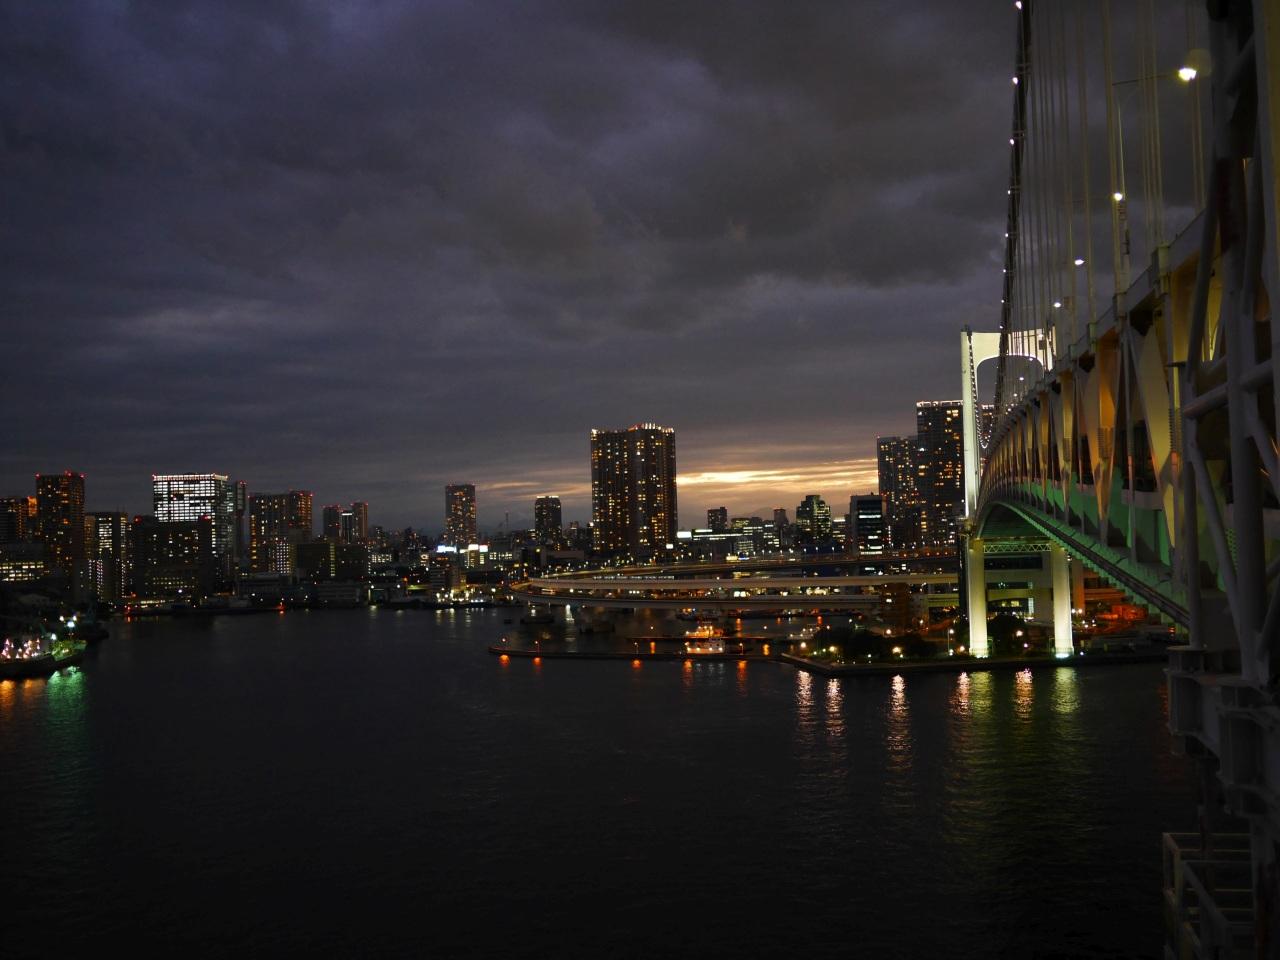 南側ルートから。お台場から、品川埠頭、大井ふ頭などの東京港を一望できます。